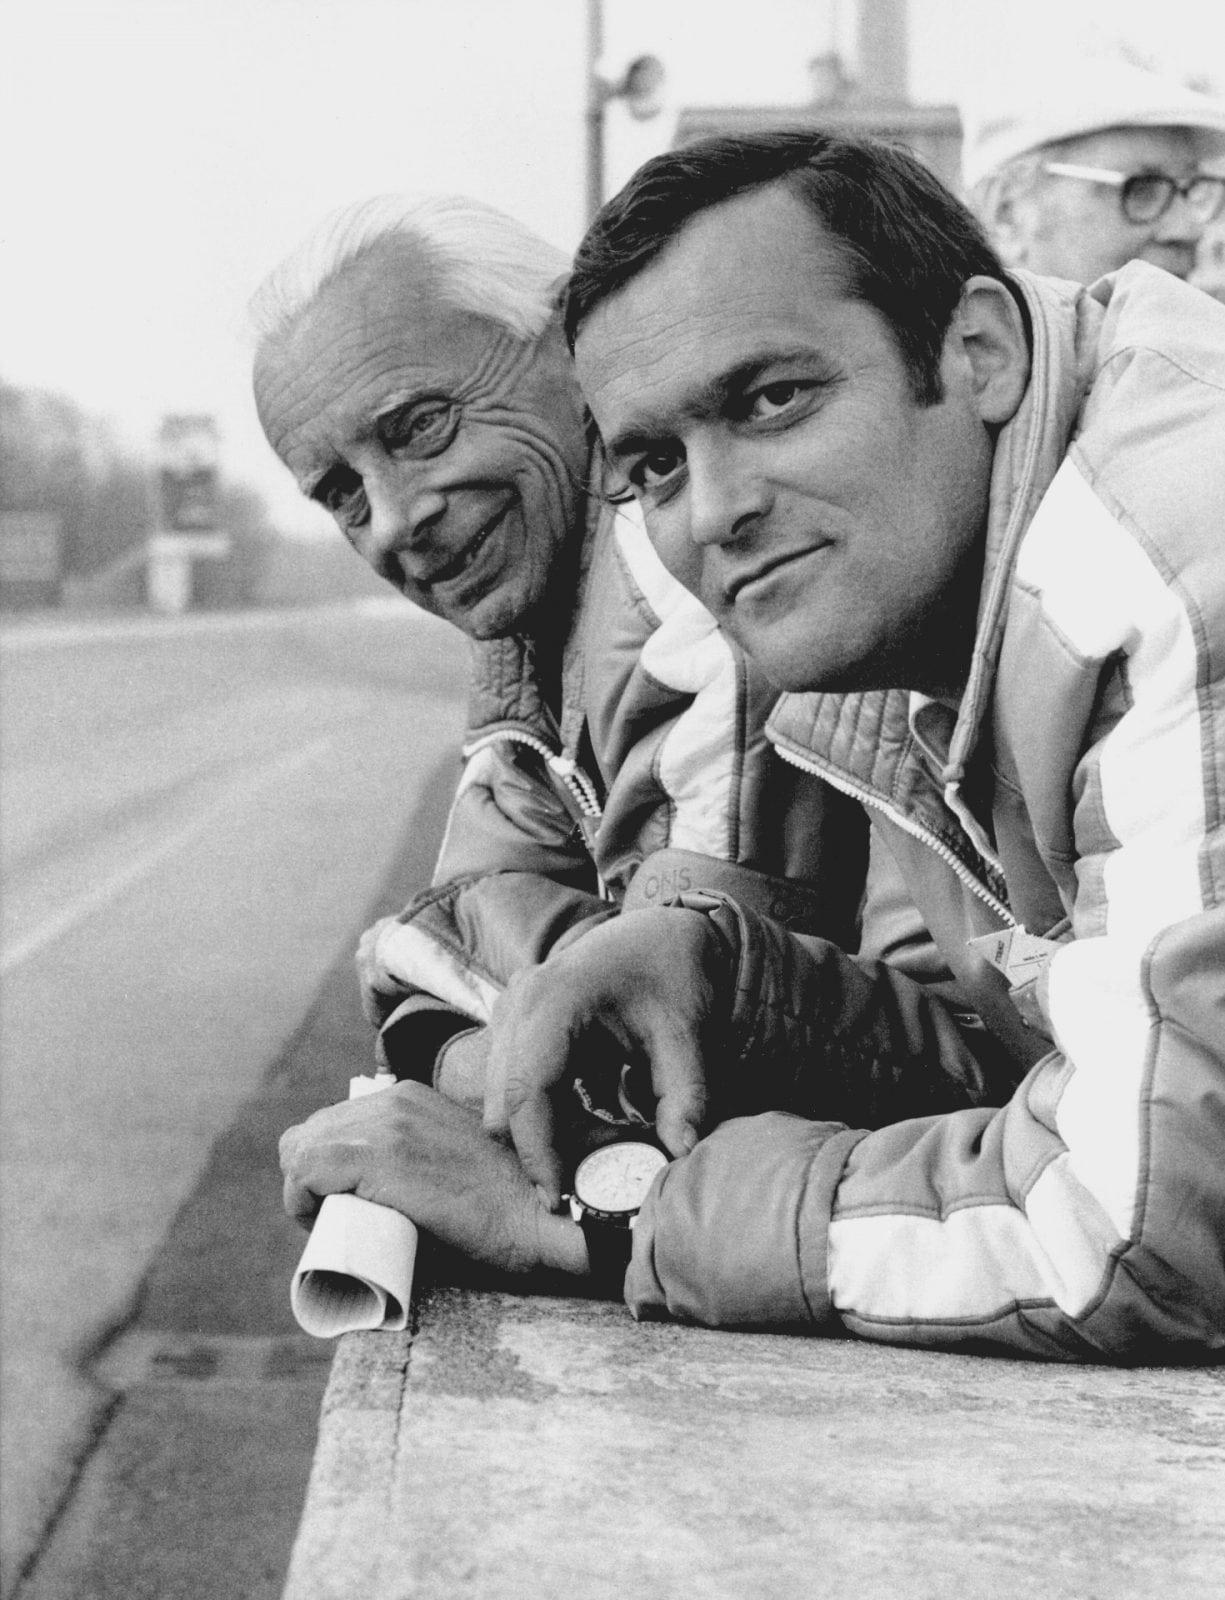 Paul Rosche и Alex von Falkenhausen 1967 год